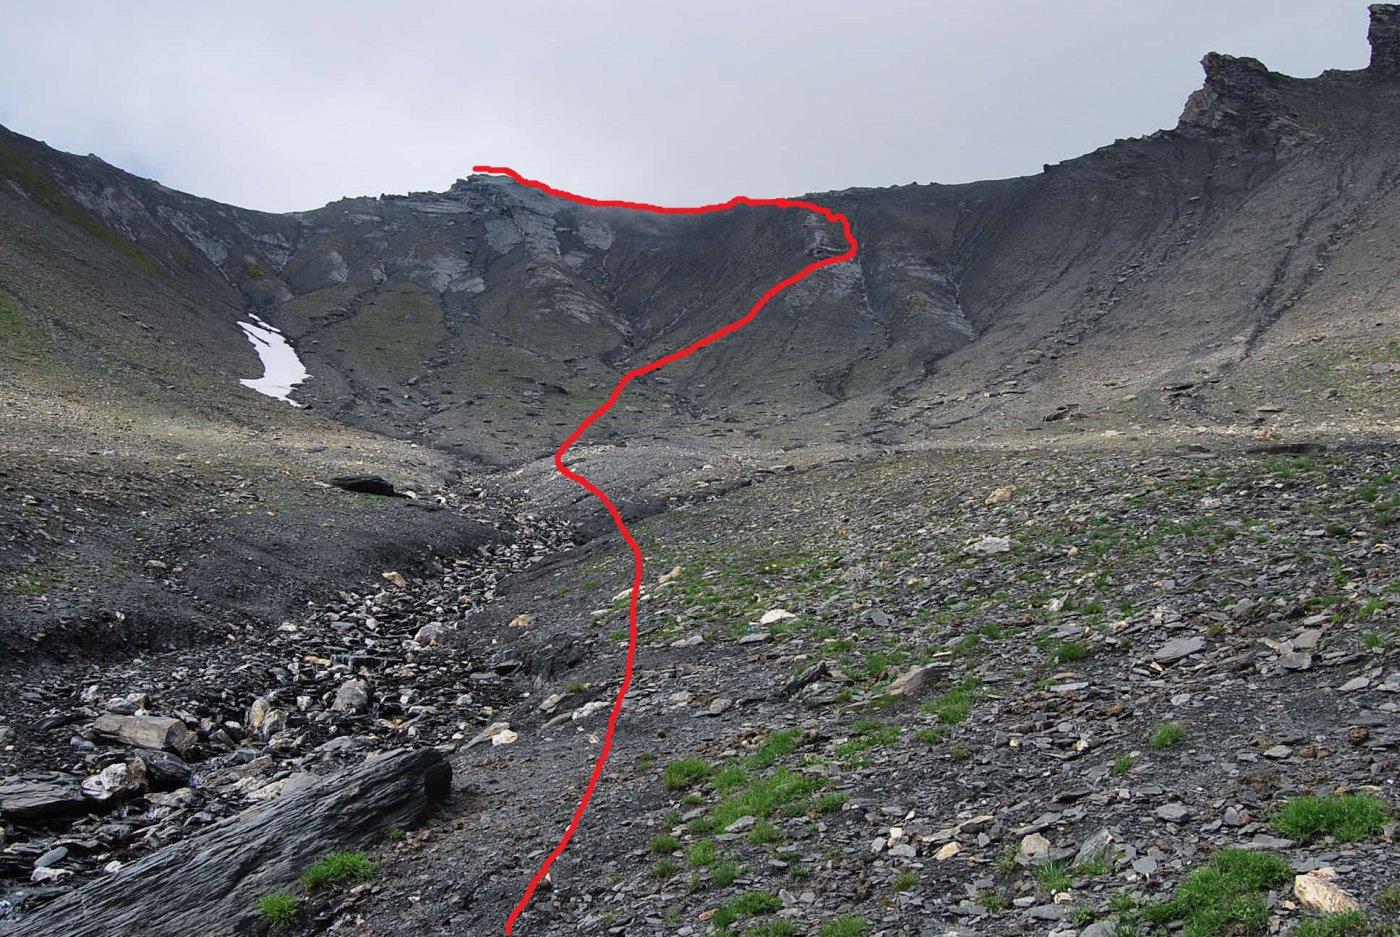 La vetta ed il percorso di salita